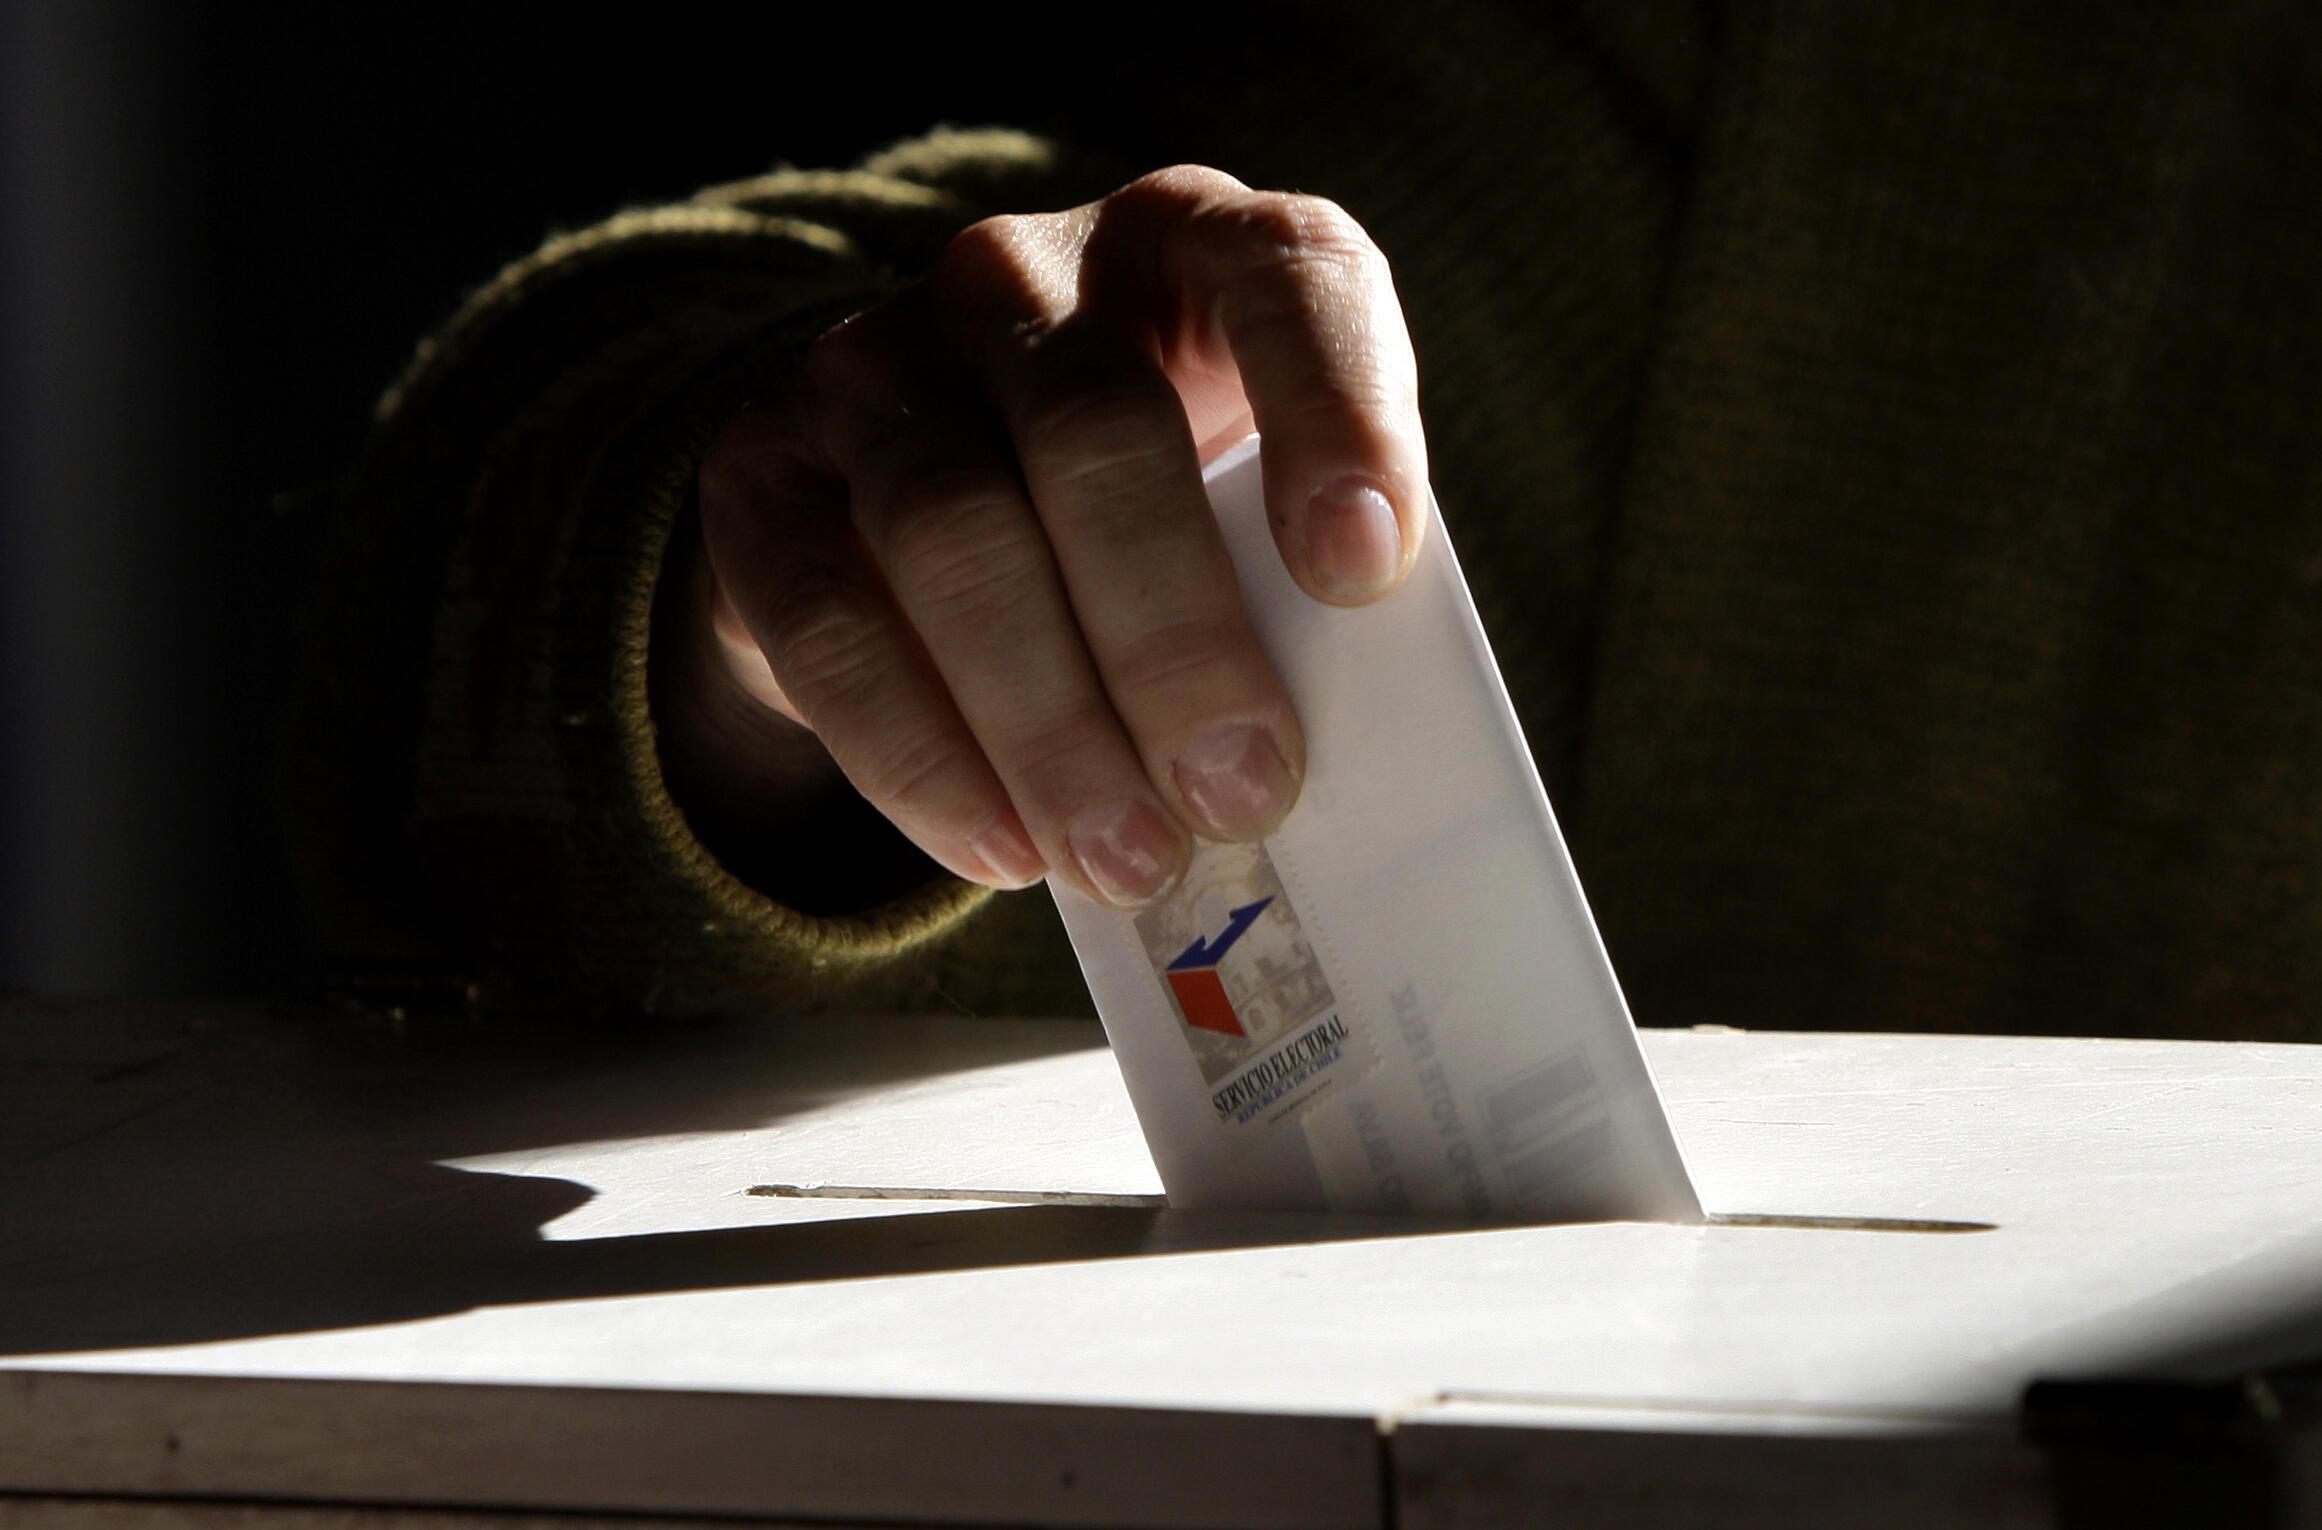 Dans la région de Santiago de Chile, un électeur sur quatre a voté aux élections régionales. (Image d'illustration)